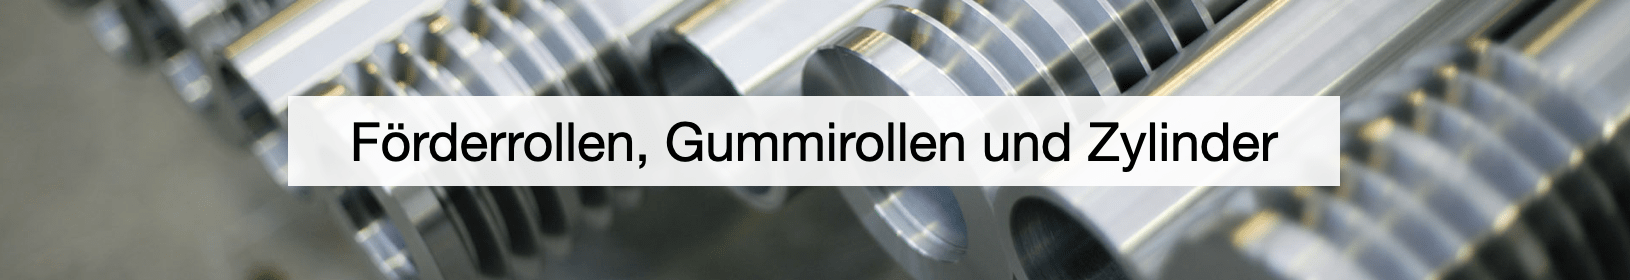 Förderrollen, Gummirollen und Zylinder